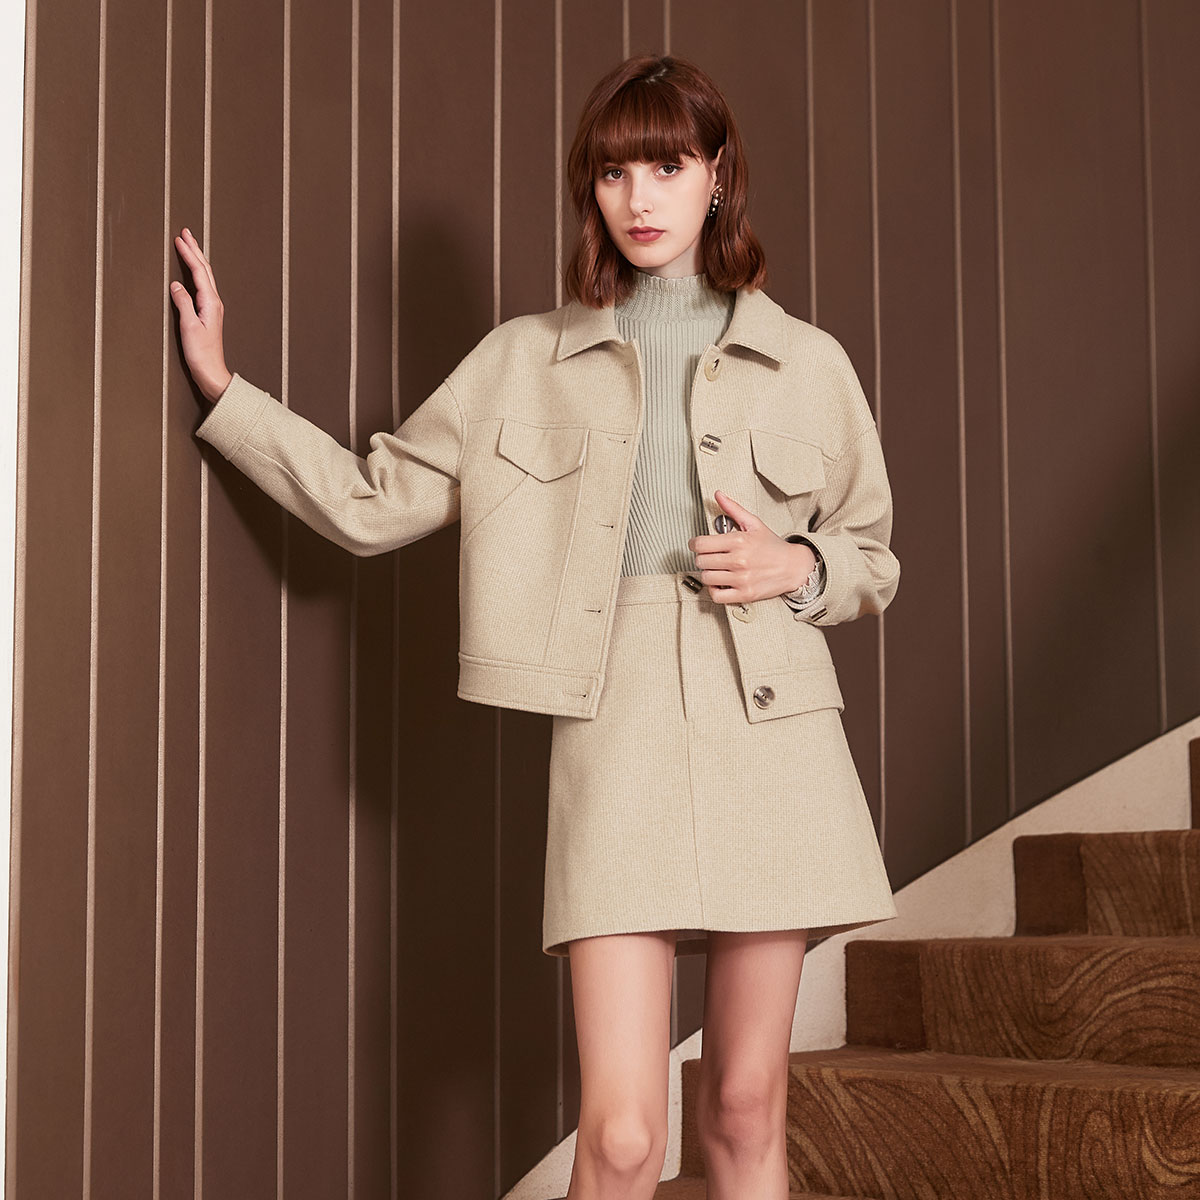 香影香影秋冬装新款韩版显瘦宽松上衣休闲翻领夹克短款格子外套J894022800